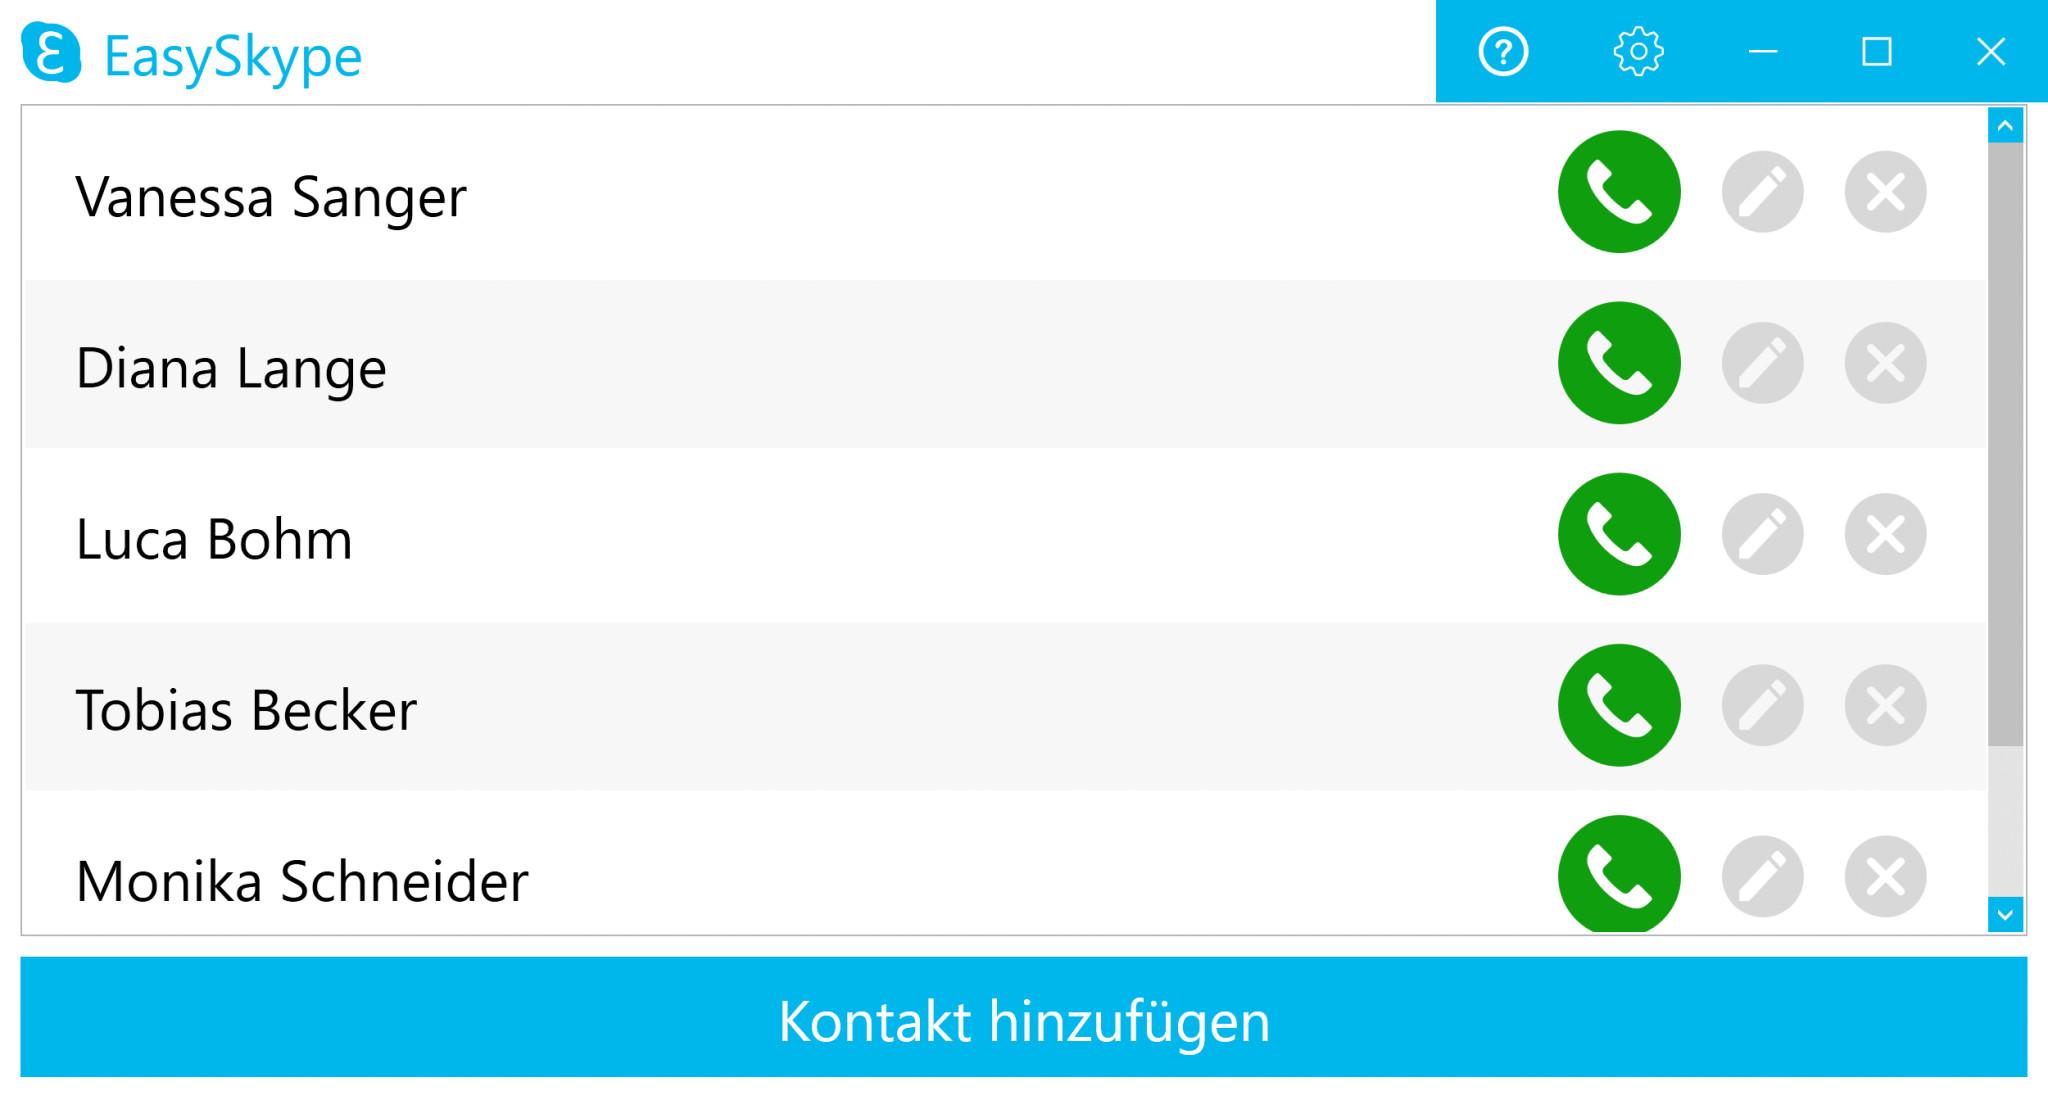 Screenshot 1 - EasySkype